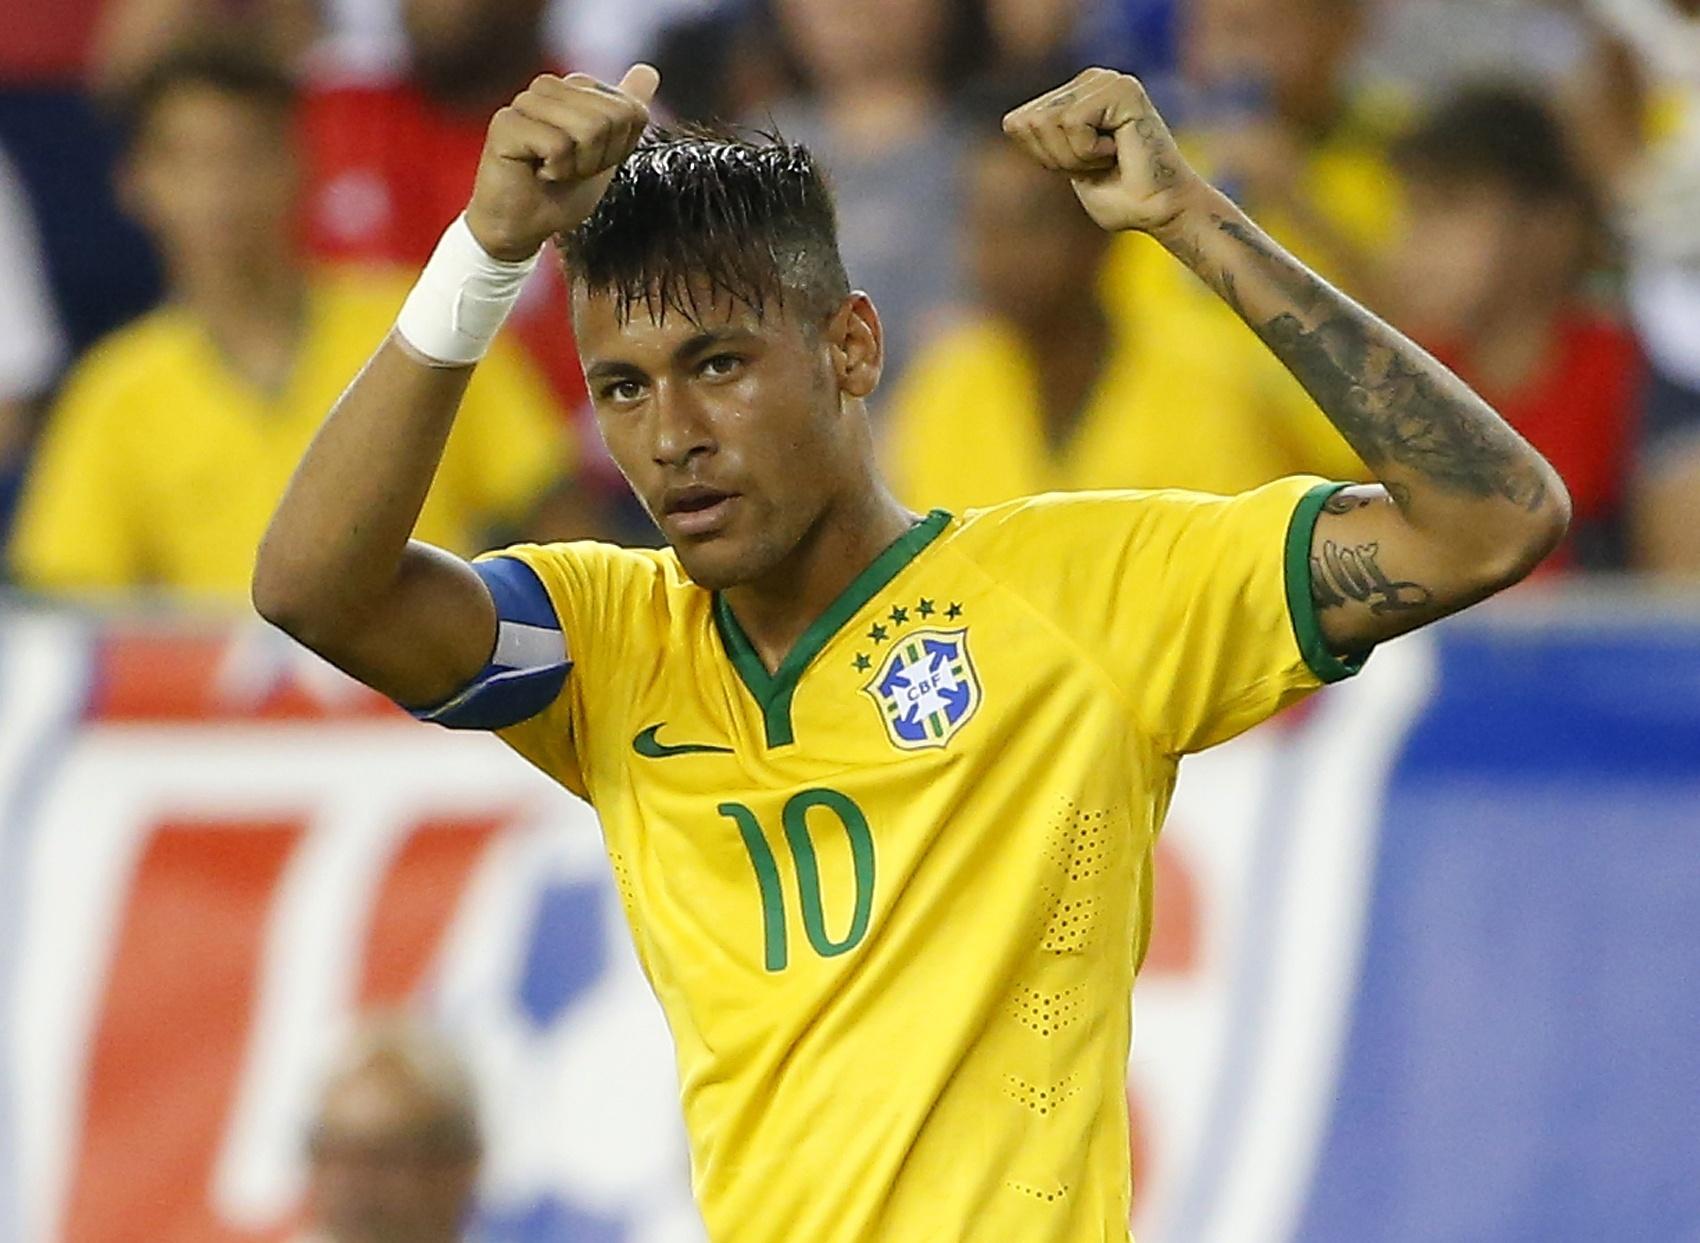 Neymar comemora após marcar contra os Estados Unidos na vitória por 4 a 1, em setembro de 2015